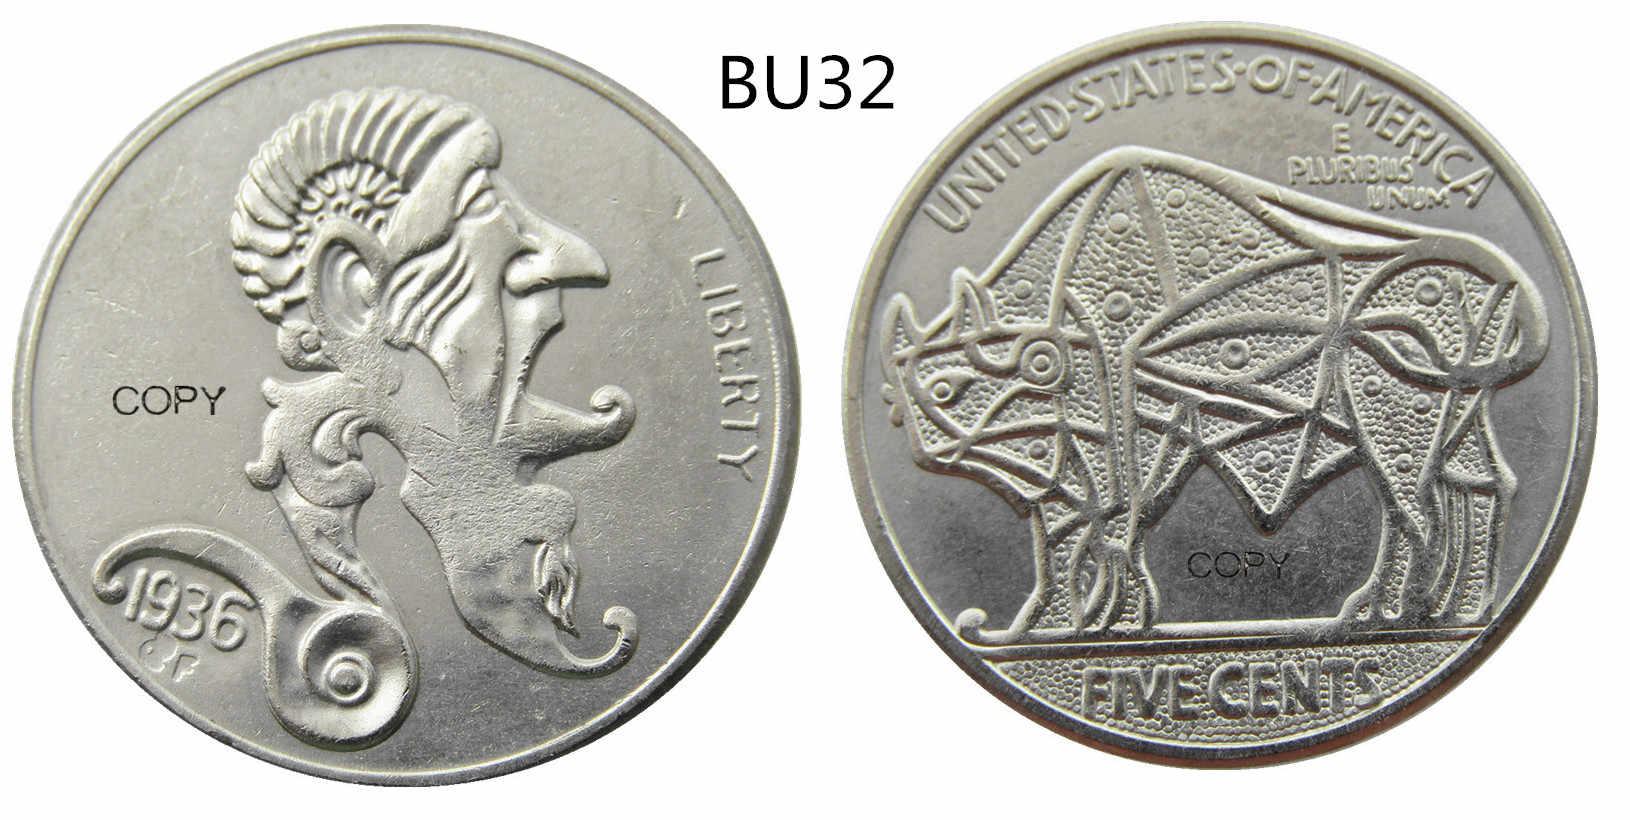 Ons Hobo Creatieve Mix Verschillende Buffalo Nickel Five Cents Schedel Zombie Skeleton Hand Gesneden Kopie Munten